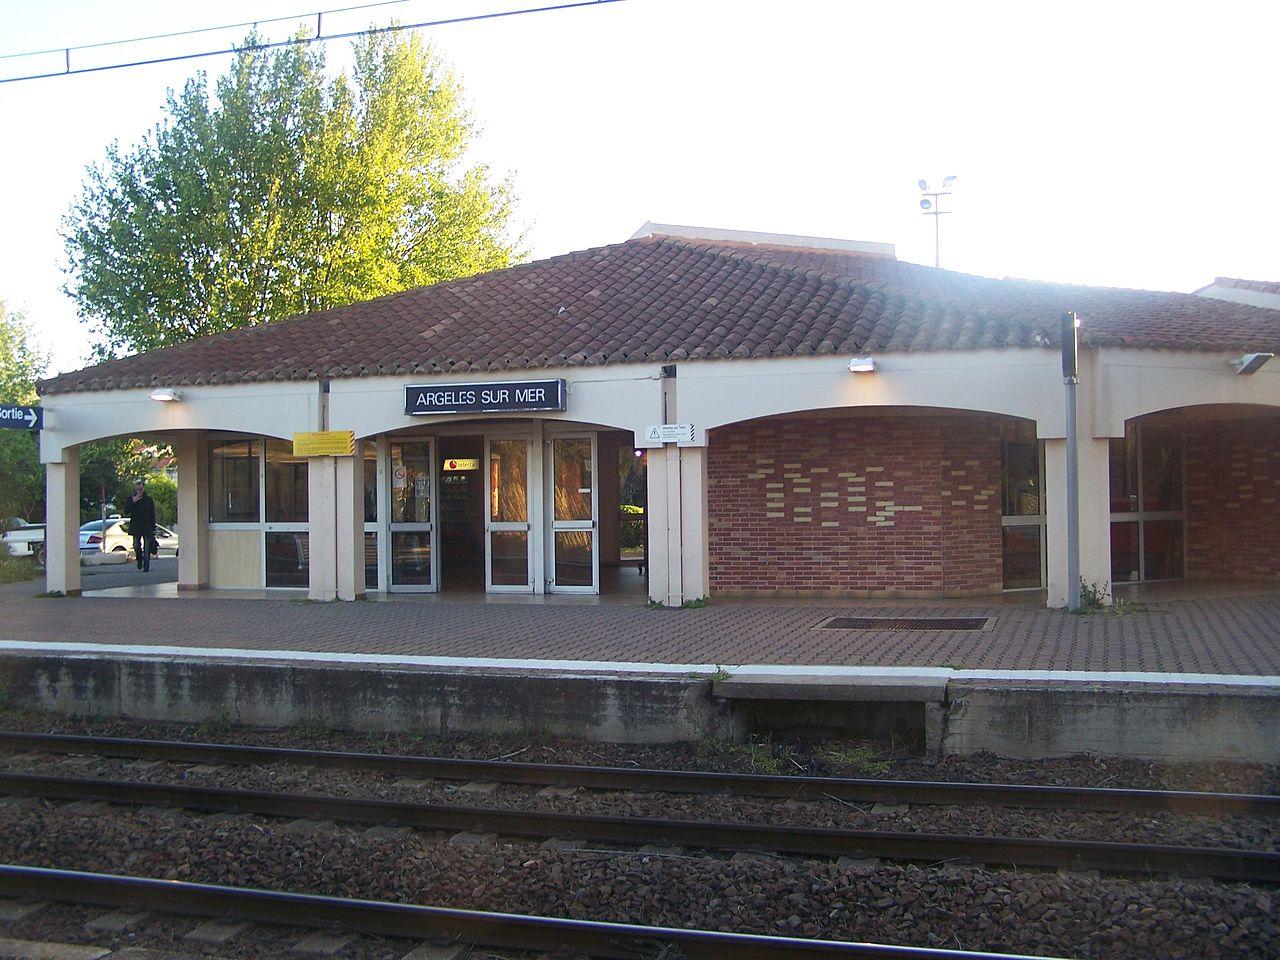 Argeles-sur-Mer-train-station